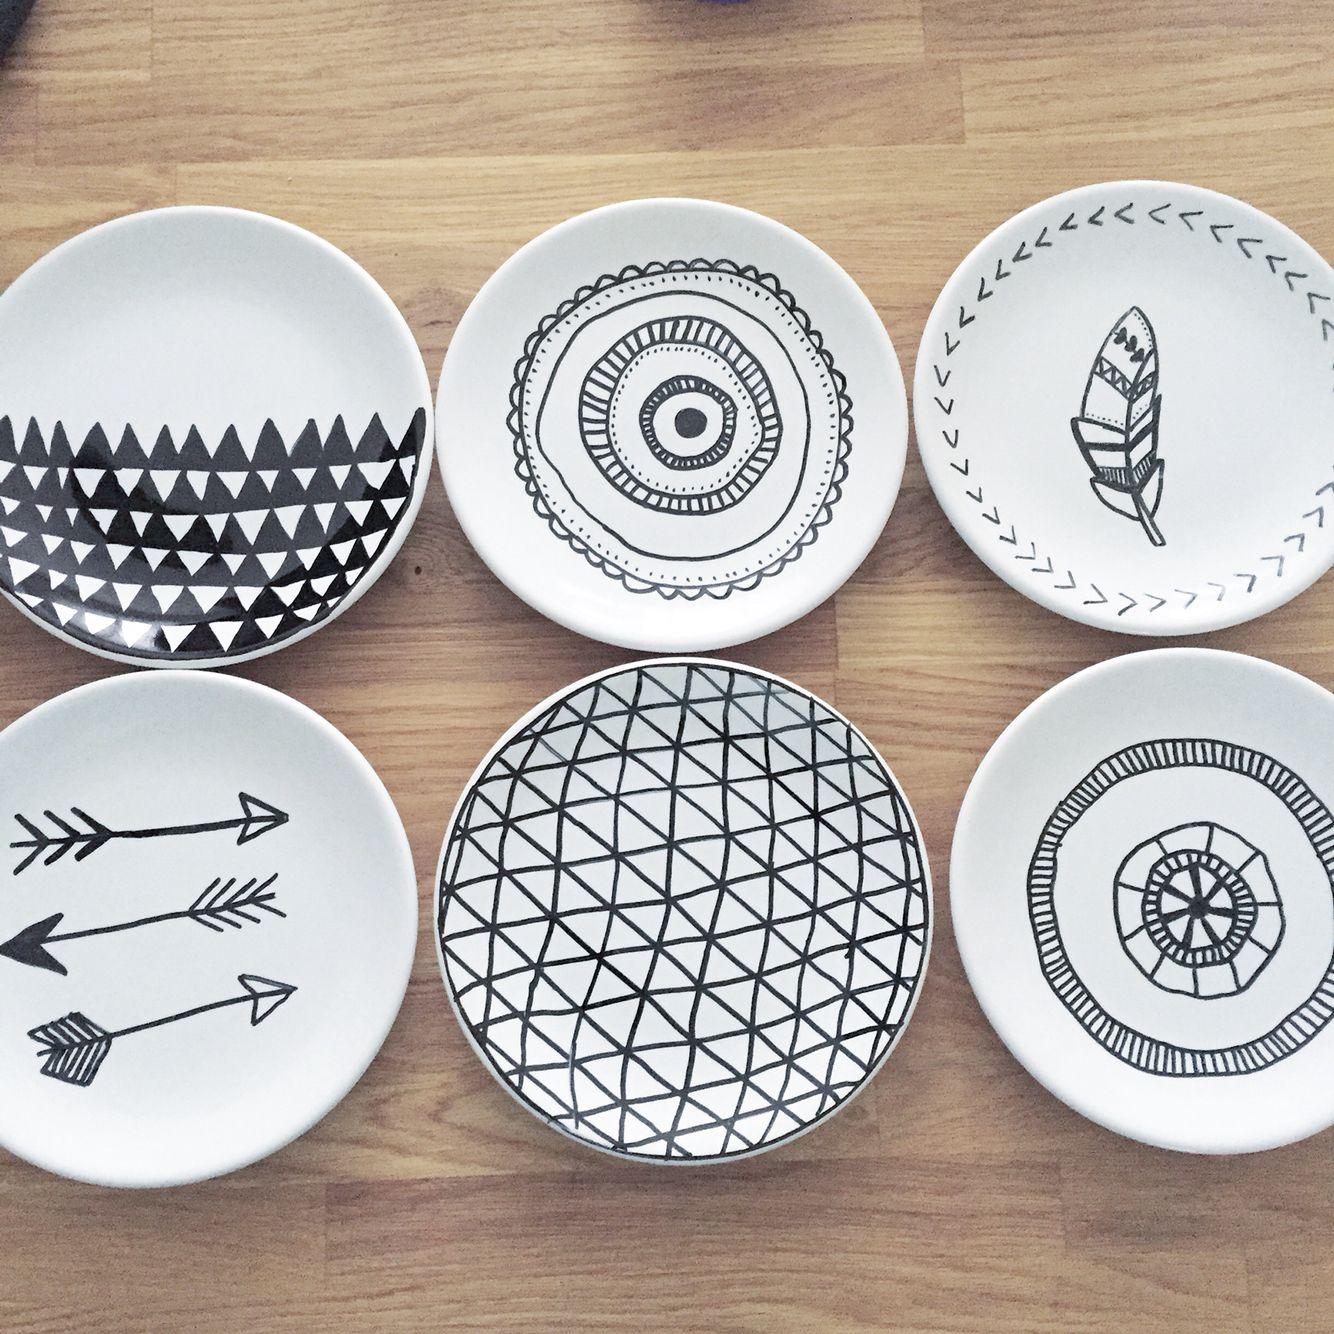 Afbeeldingsresultaat voor stift voor op servies | Ceramica ...